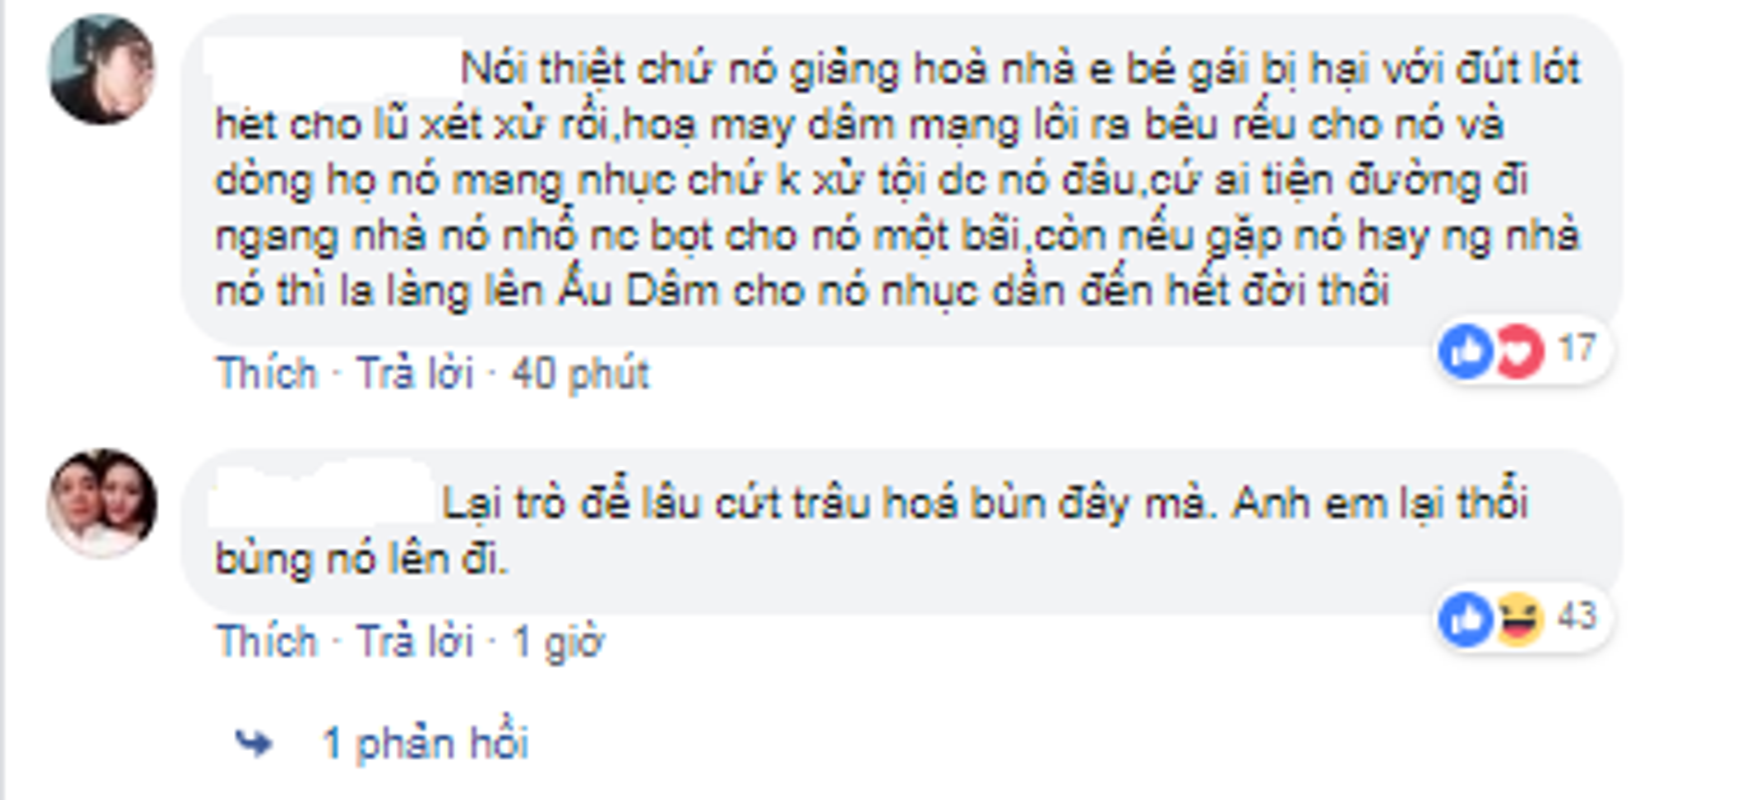 CDM lai day song vu cuong hon be gai trong thang may-Hinh-6